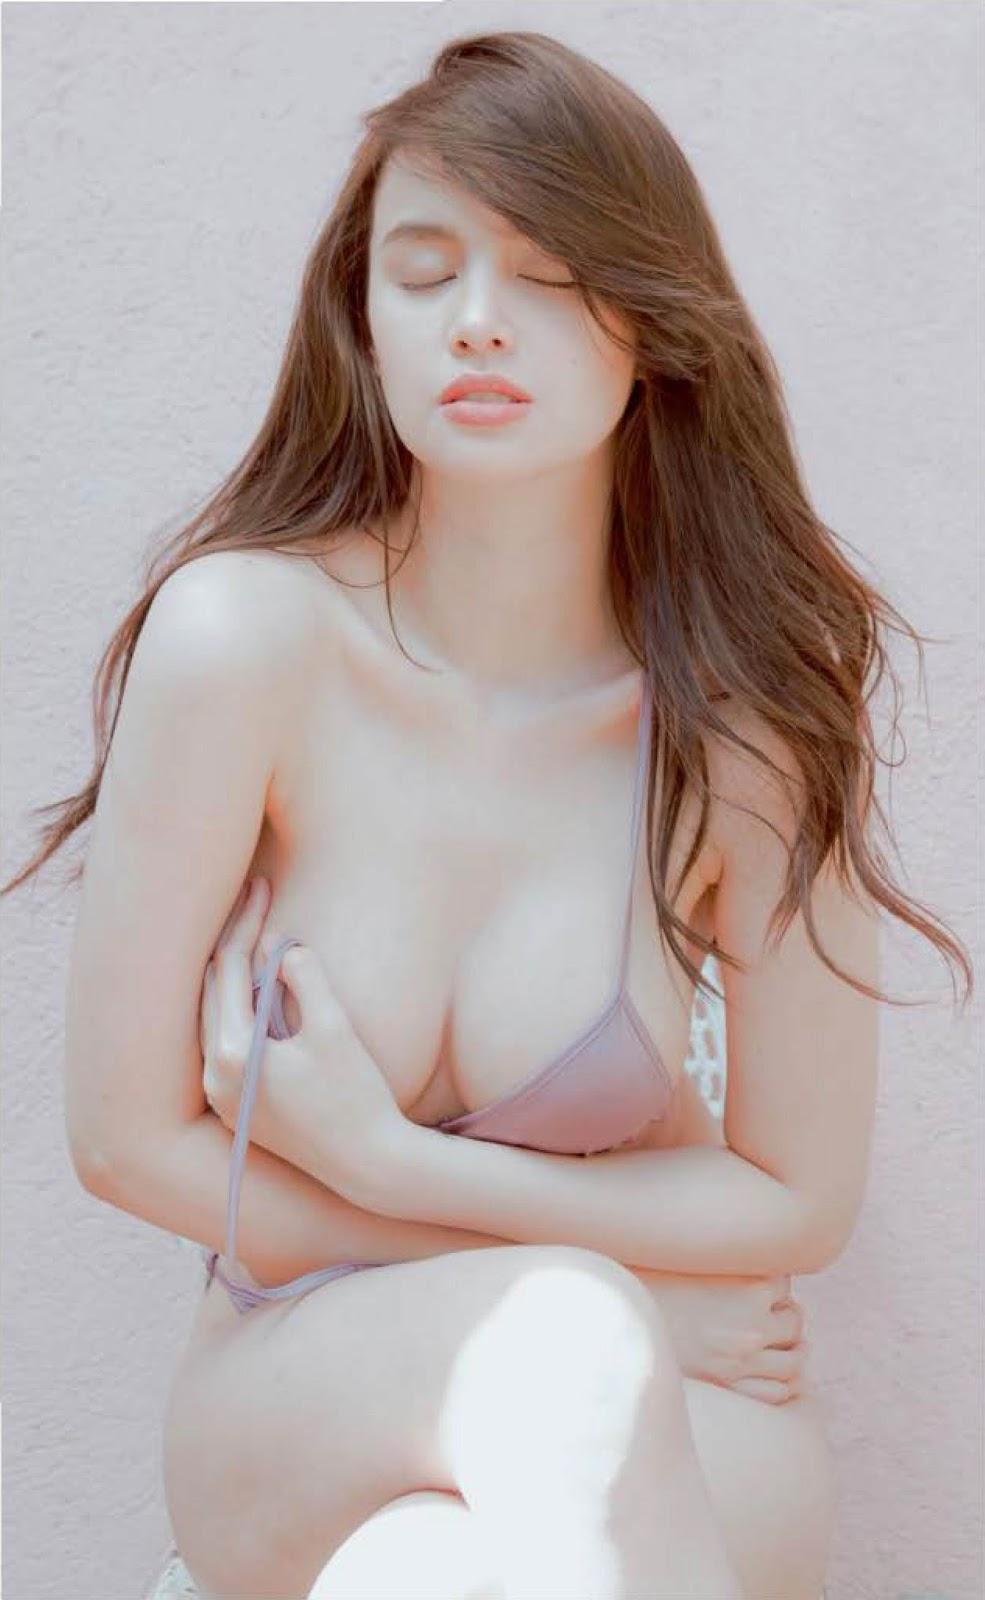 kim domingo nude